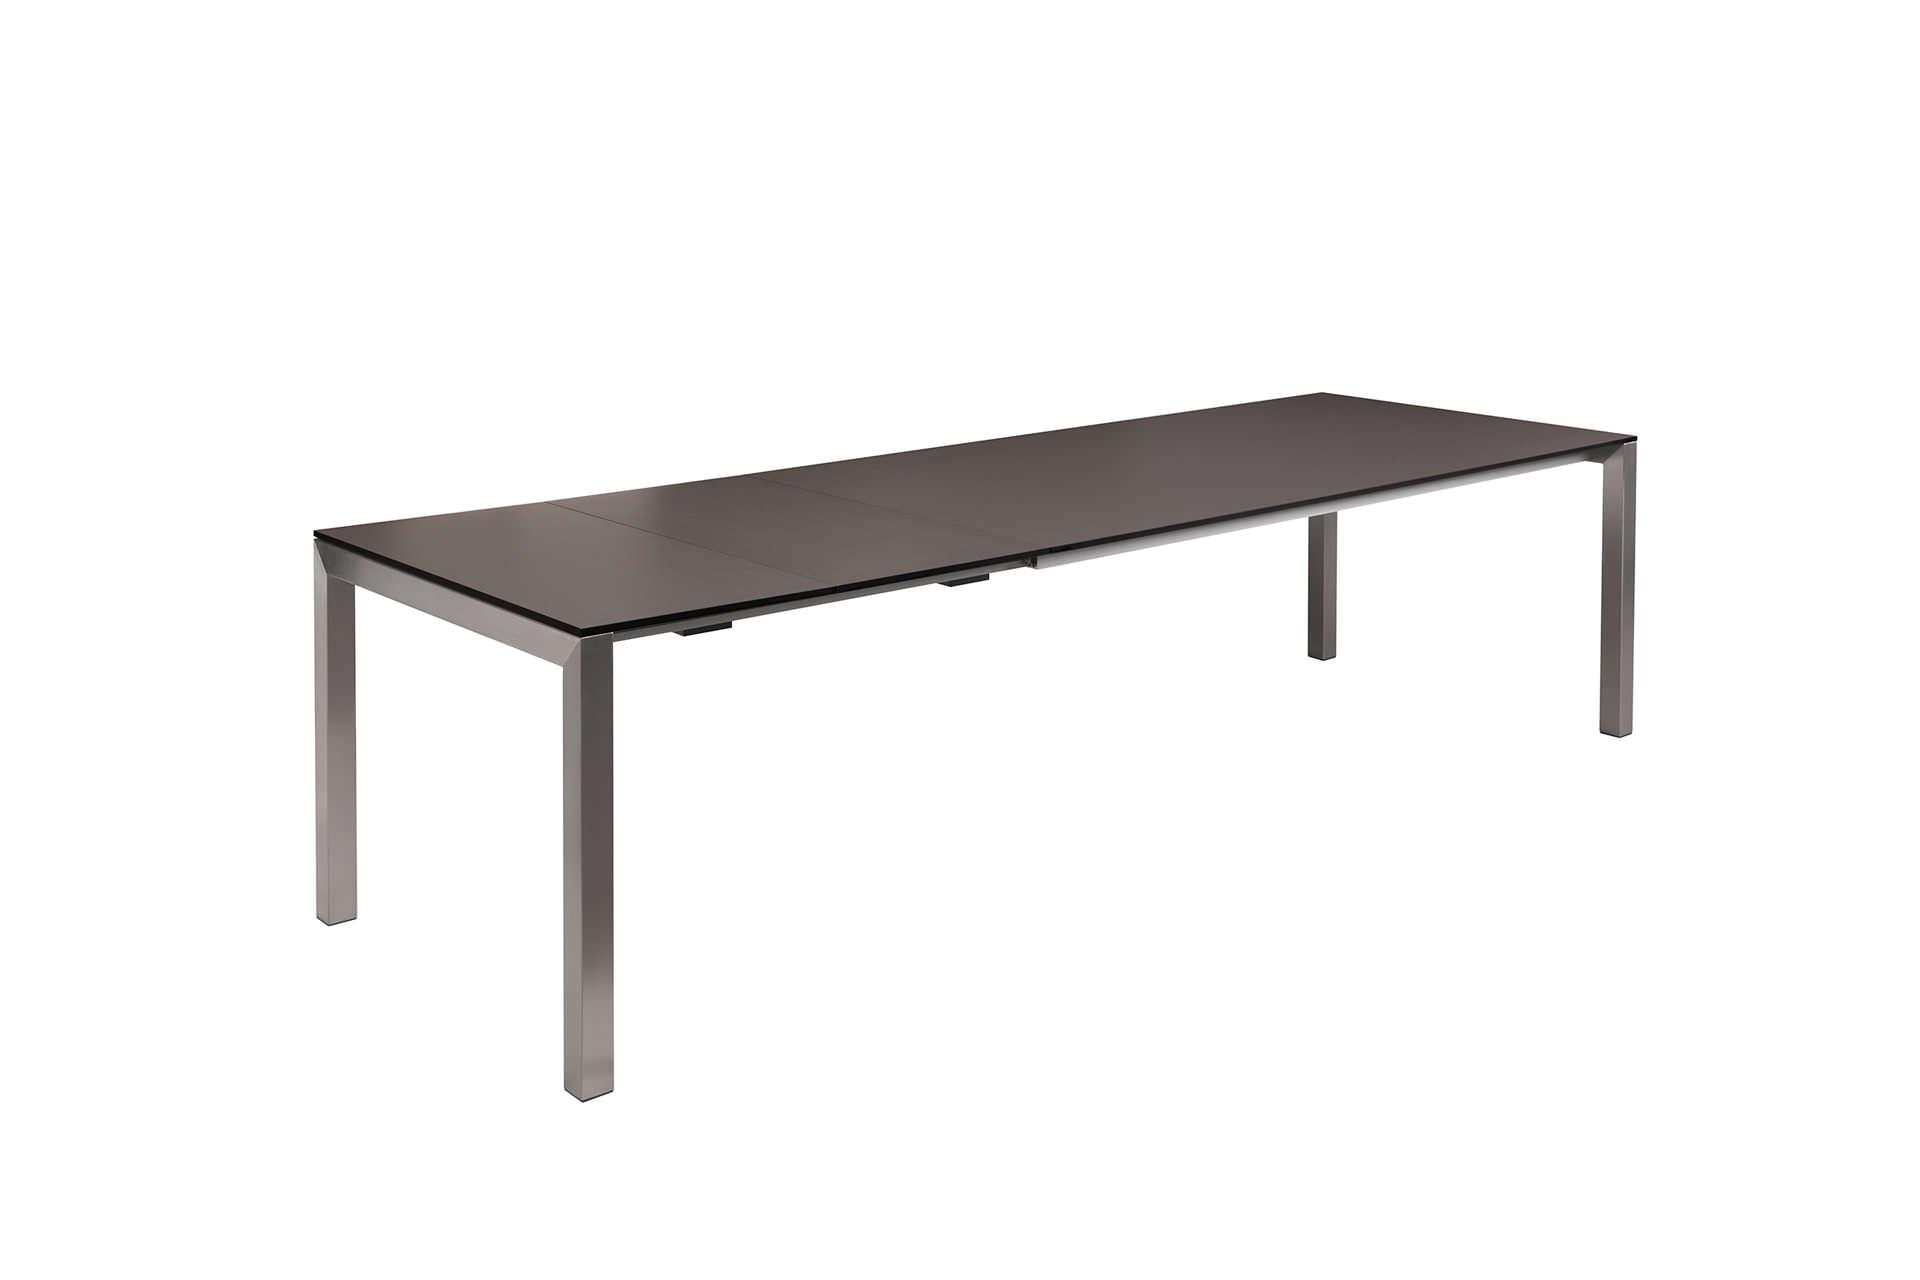 Gartentisch mit 2 Einlegeplatten HPL Anthrazit